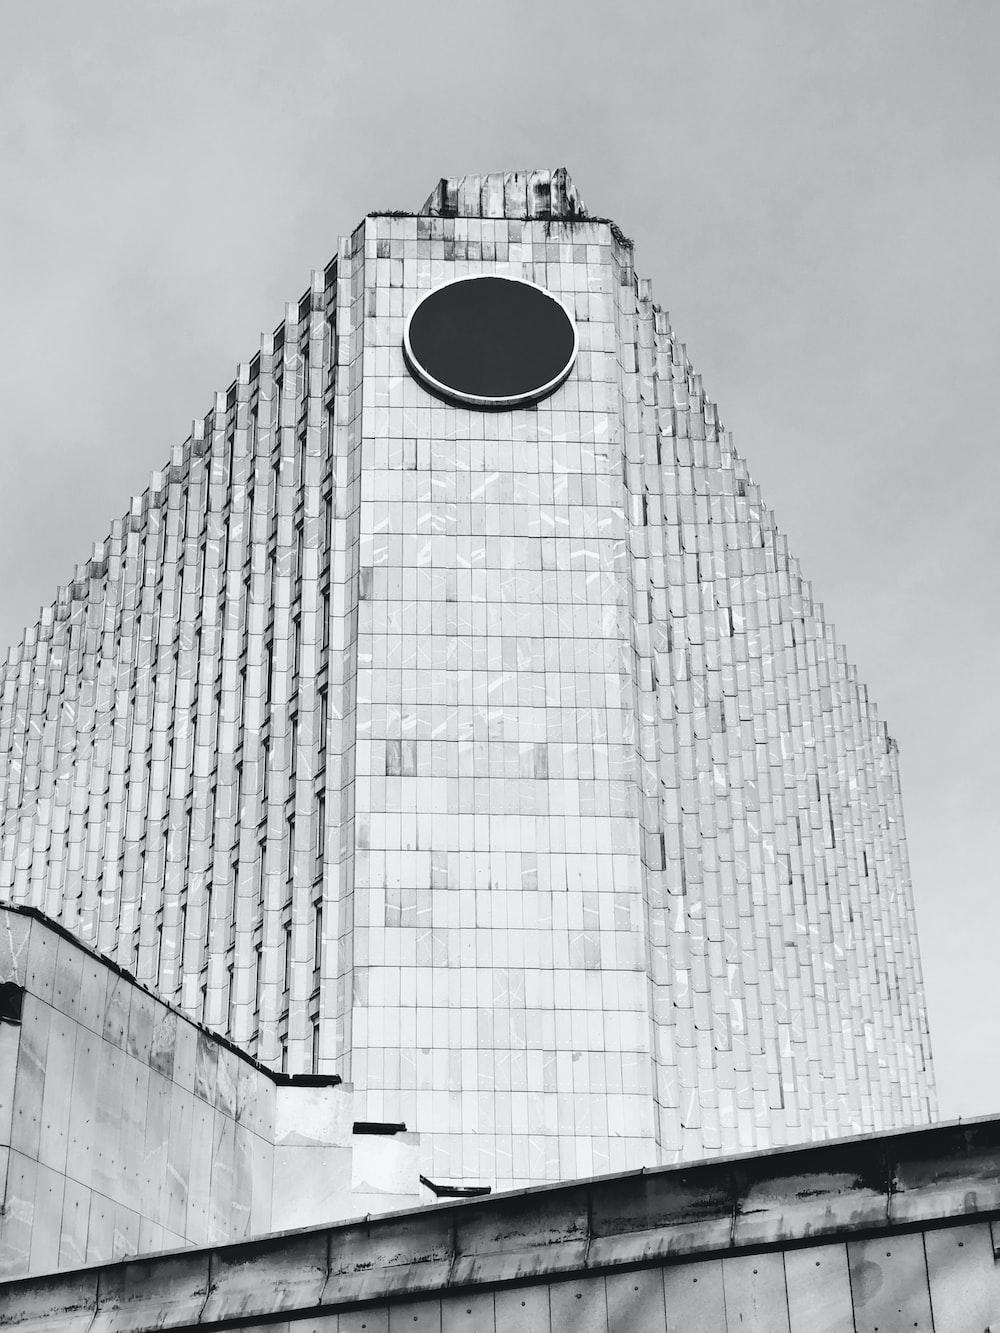 grey high ride building